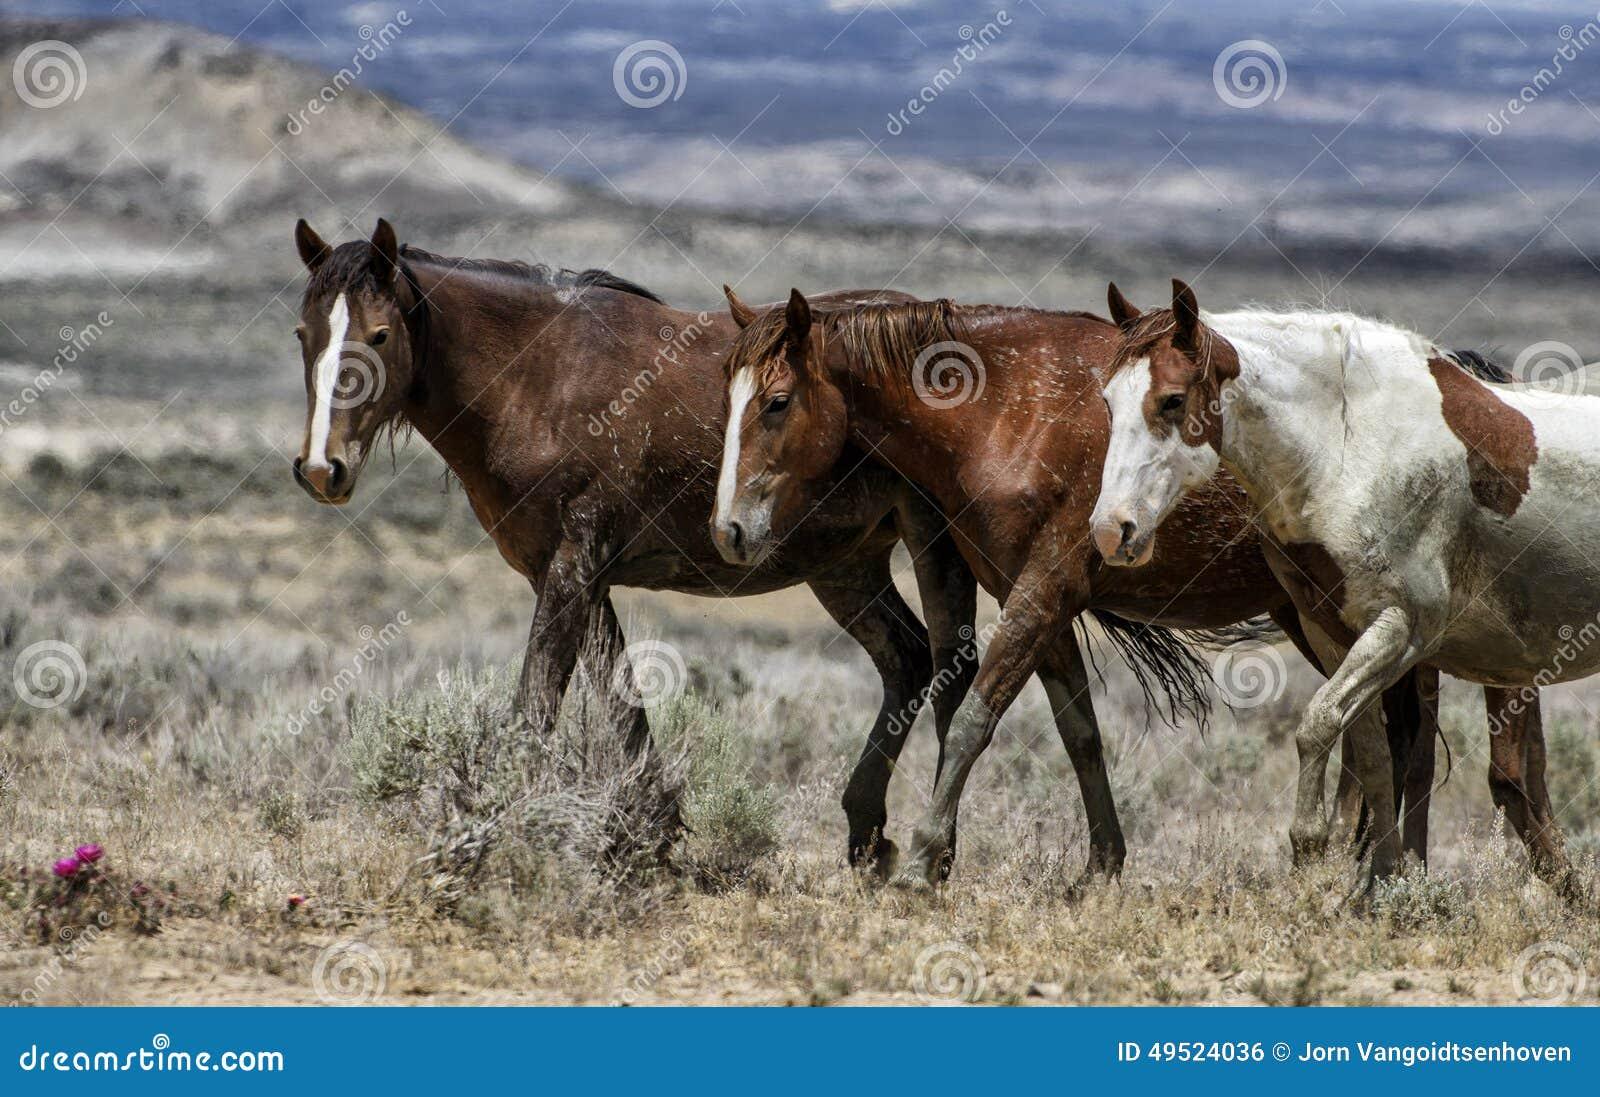 Cavalos selvagens de bacia de lavagem da areia alinhados